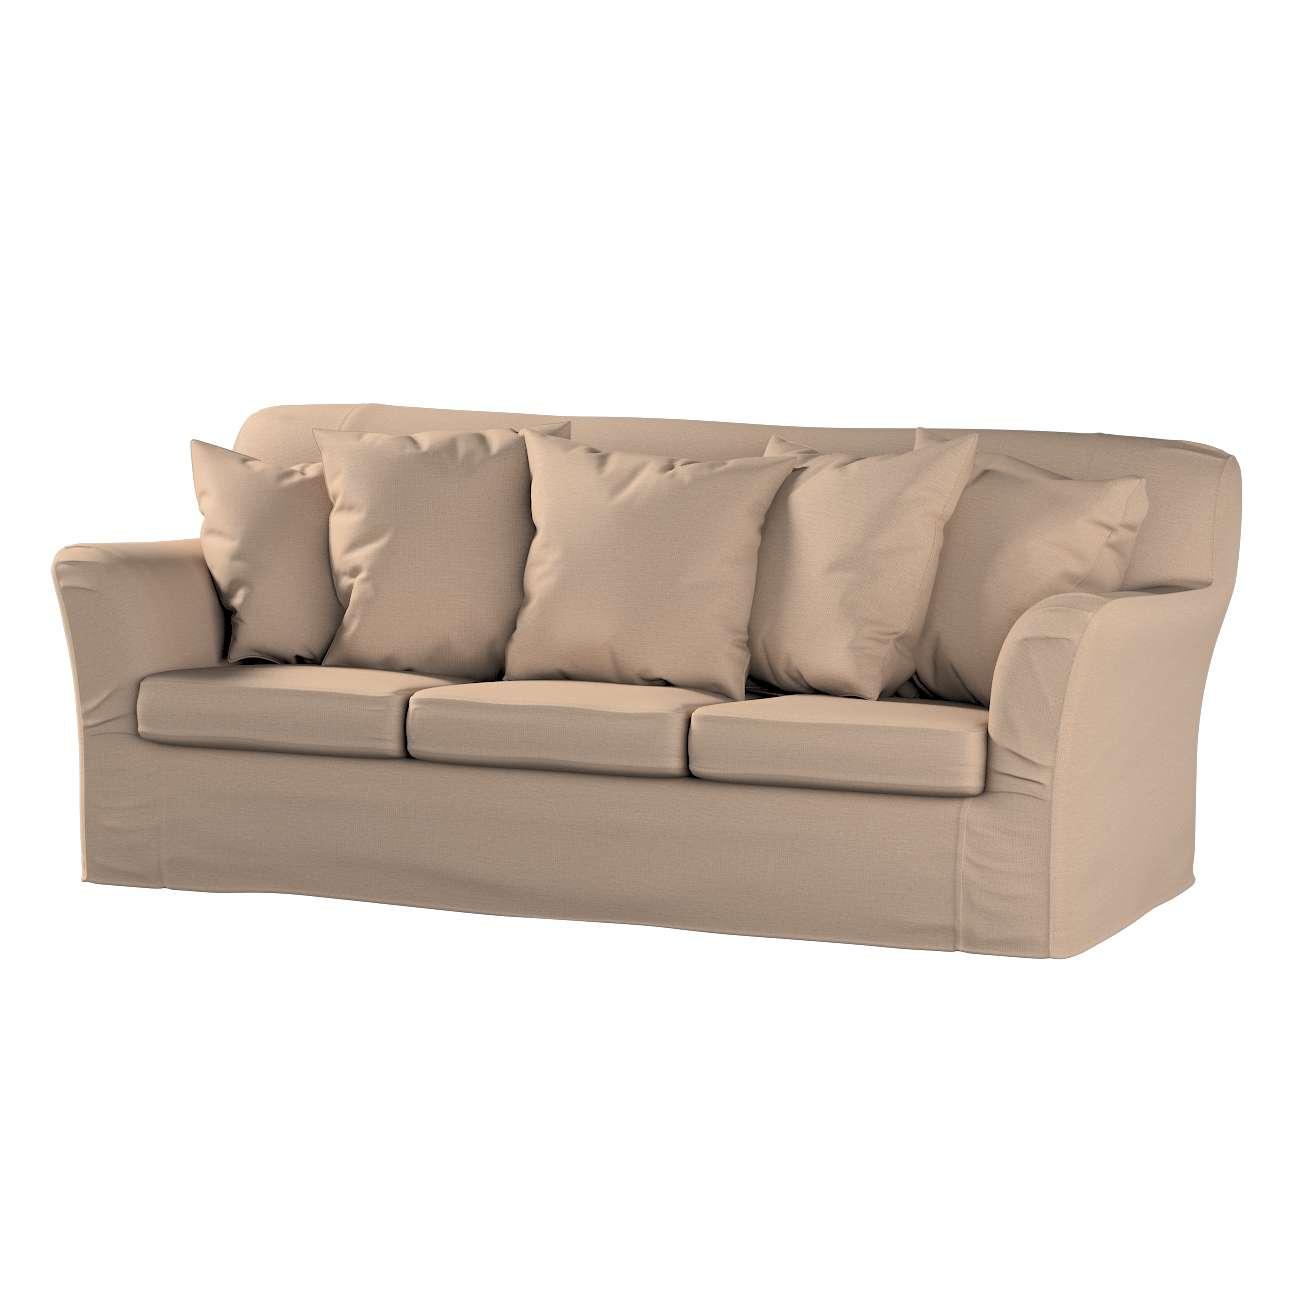 Pokrowiec na sofę Tomelilla 3-osobową nierozkładaną w kolekcji Bergen, tkanina: 161-75